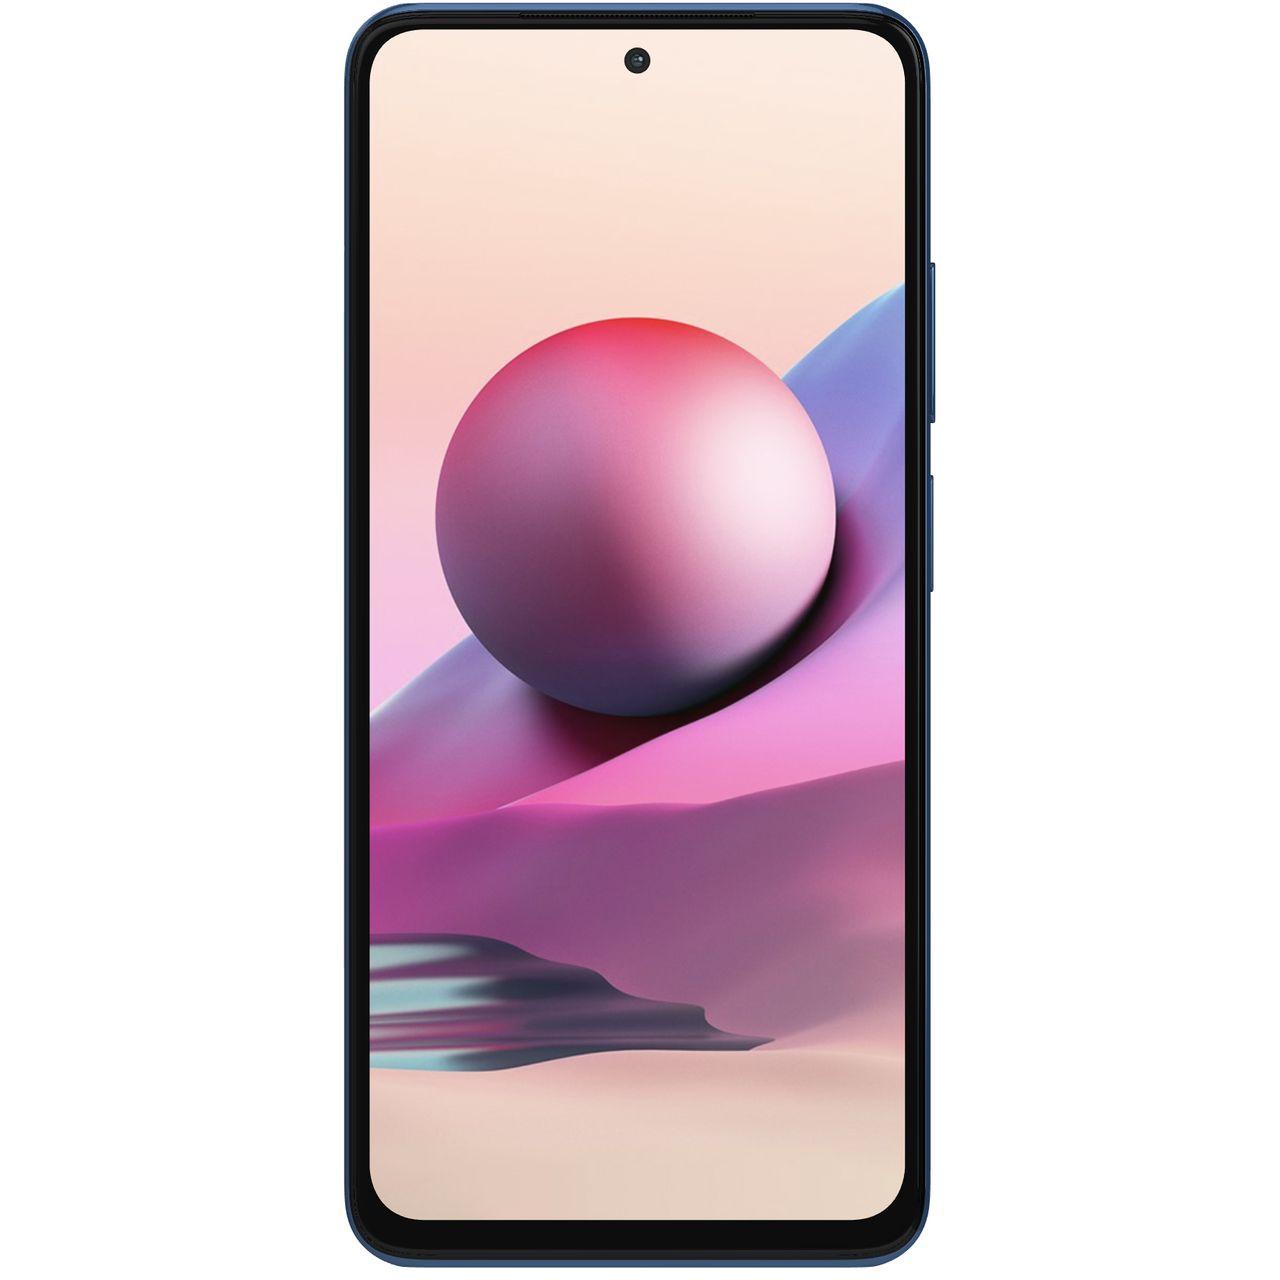 گوشی موبایل شیائومی مدل Redmi Note 10S M2101K7BG دو سیم کارت ظرفیت 128 گیگابایت و رم 8 گیگابایت